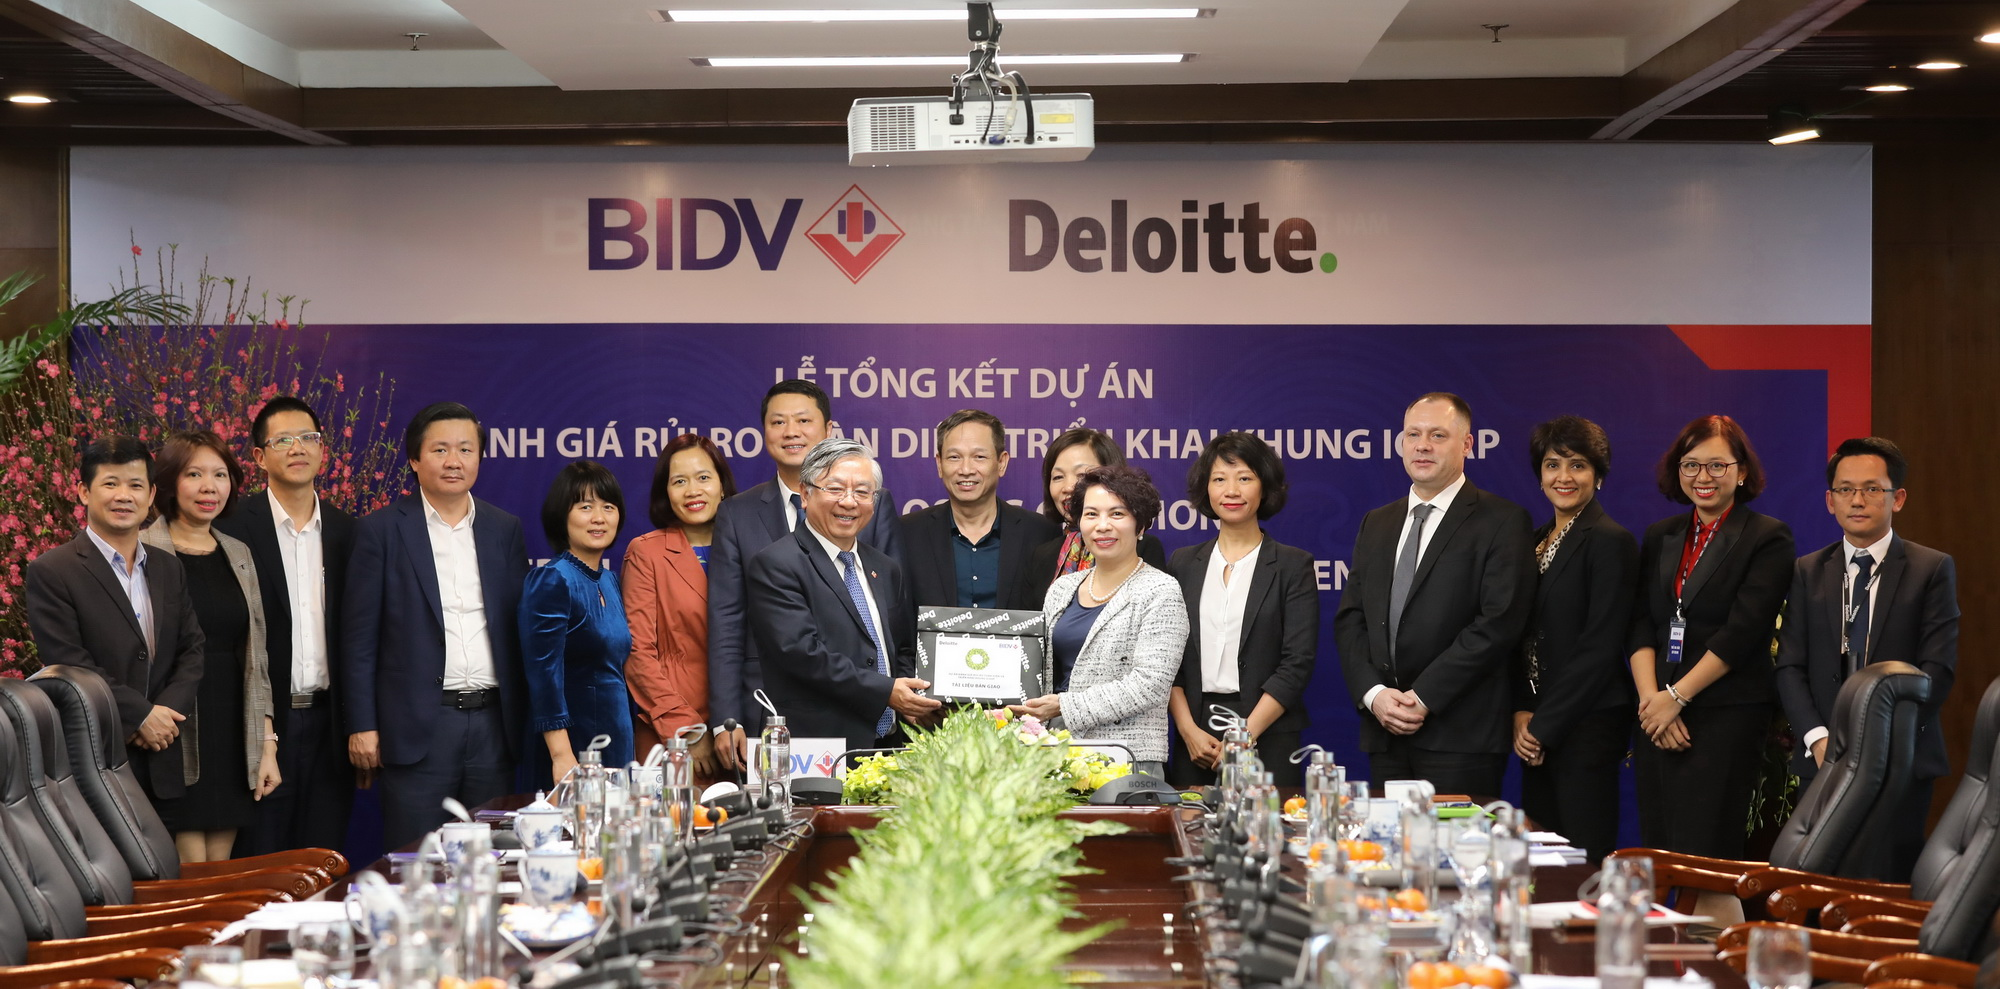 BIDV hoàn thành dự án quản lý rủi ro và quản lý vốn